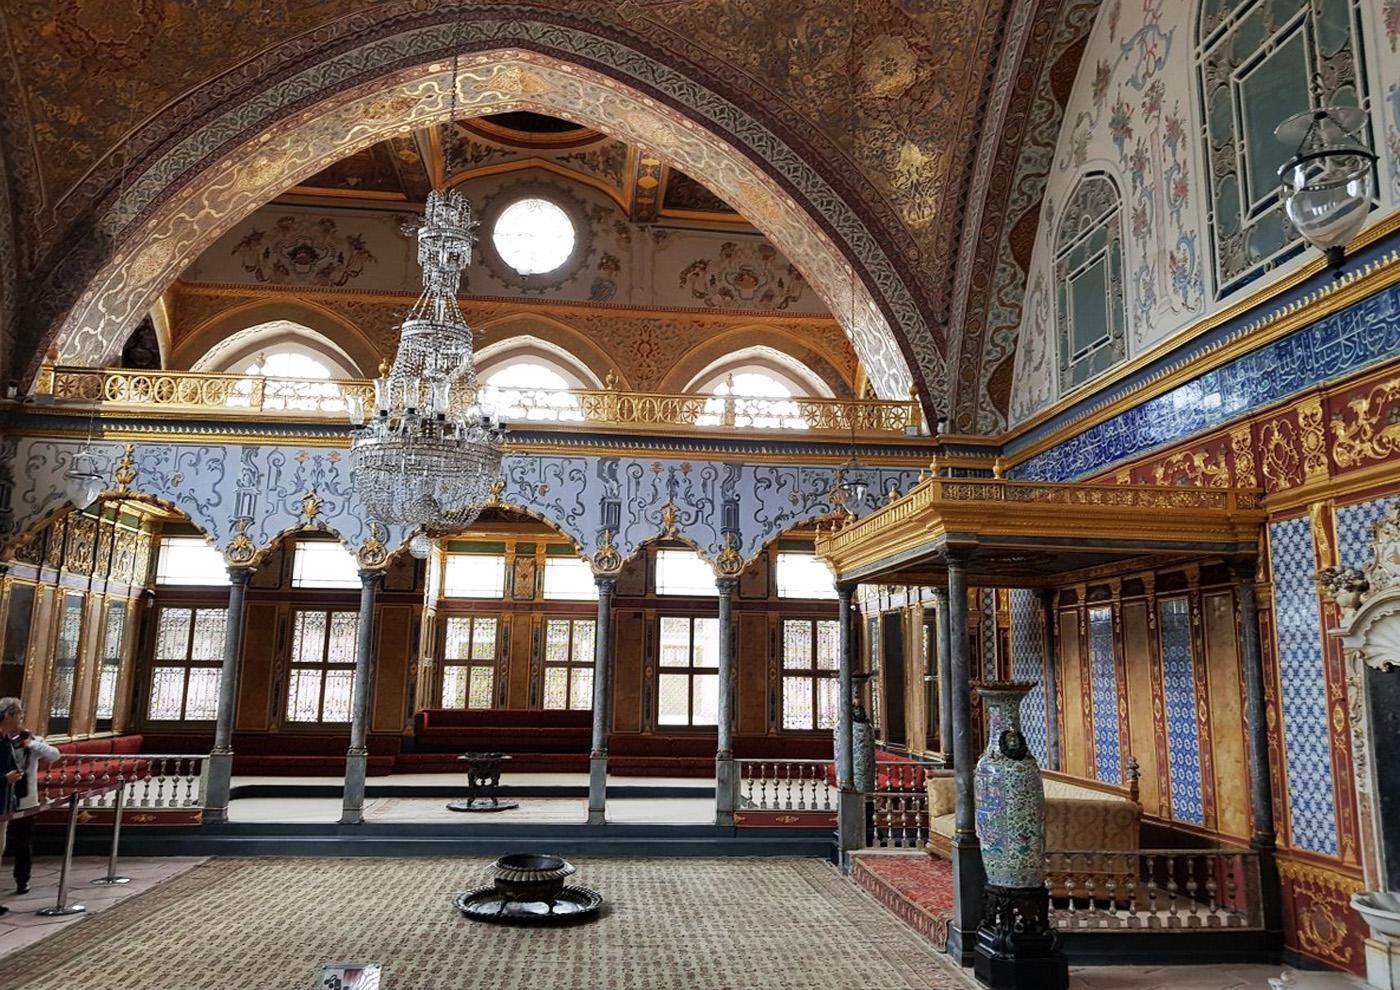 Тронный зал - место отдыха султана в кругу его наложниц